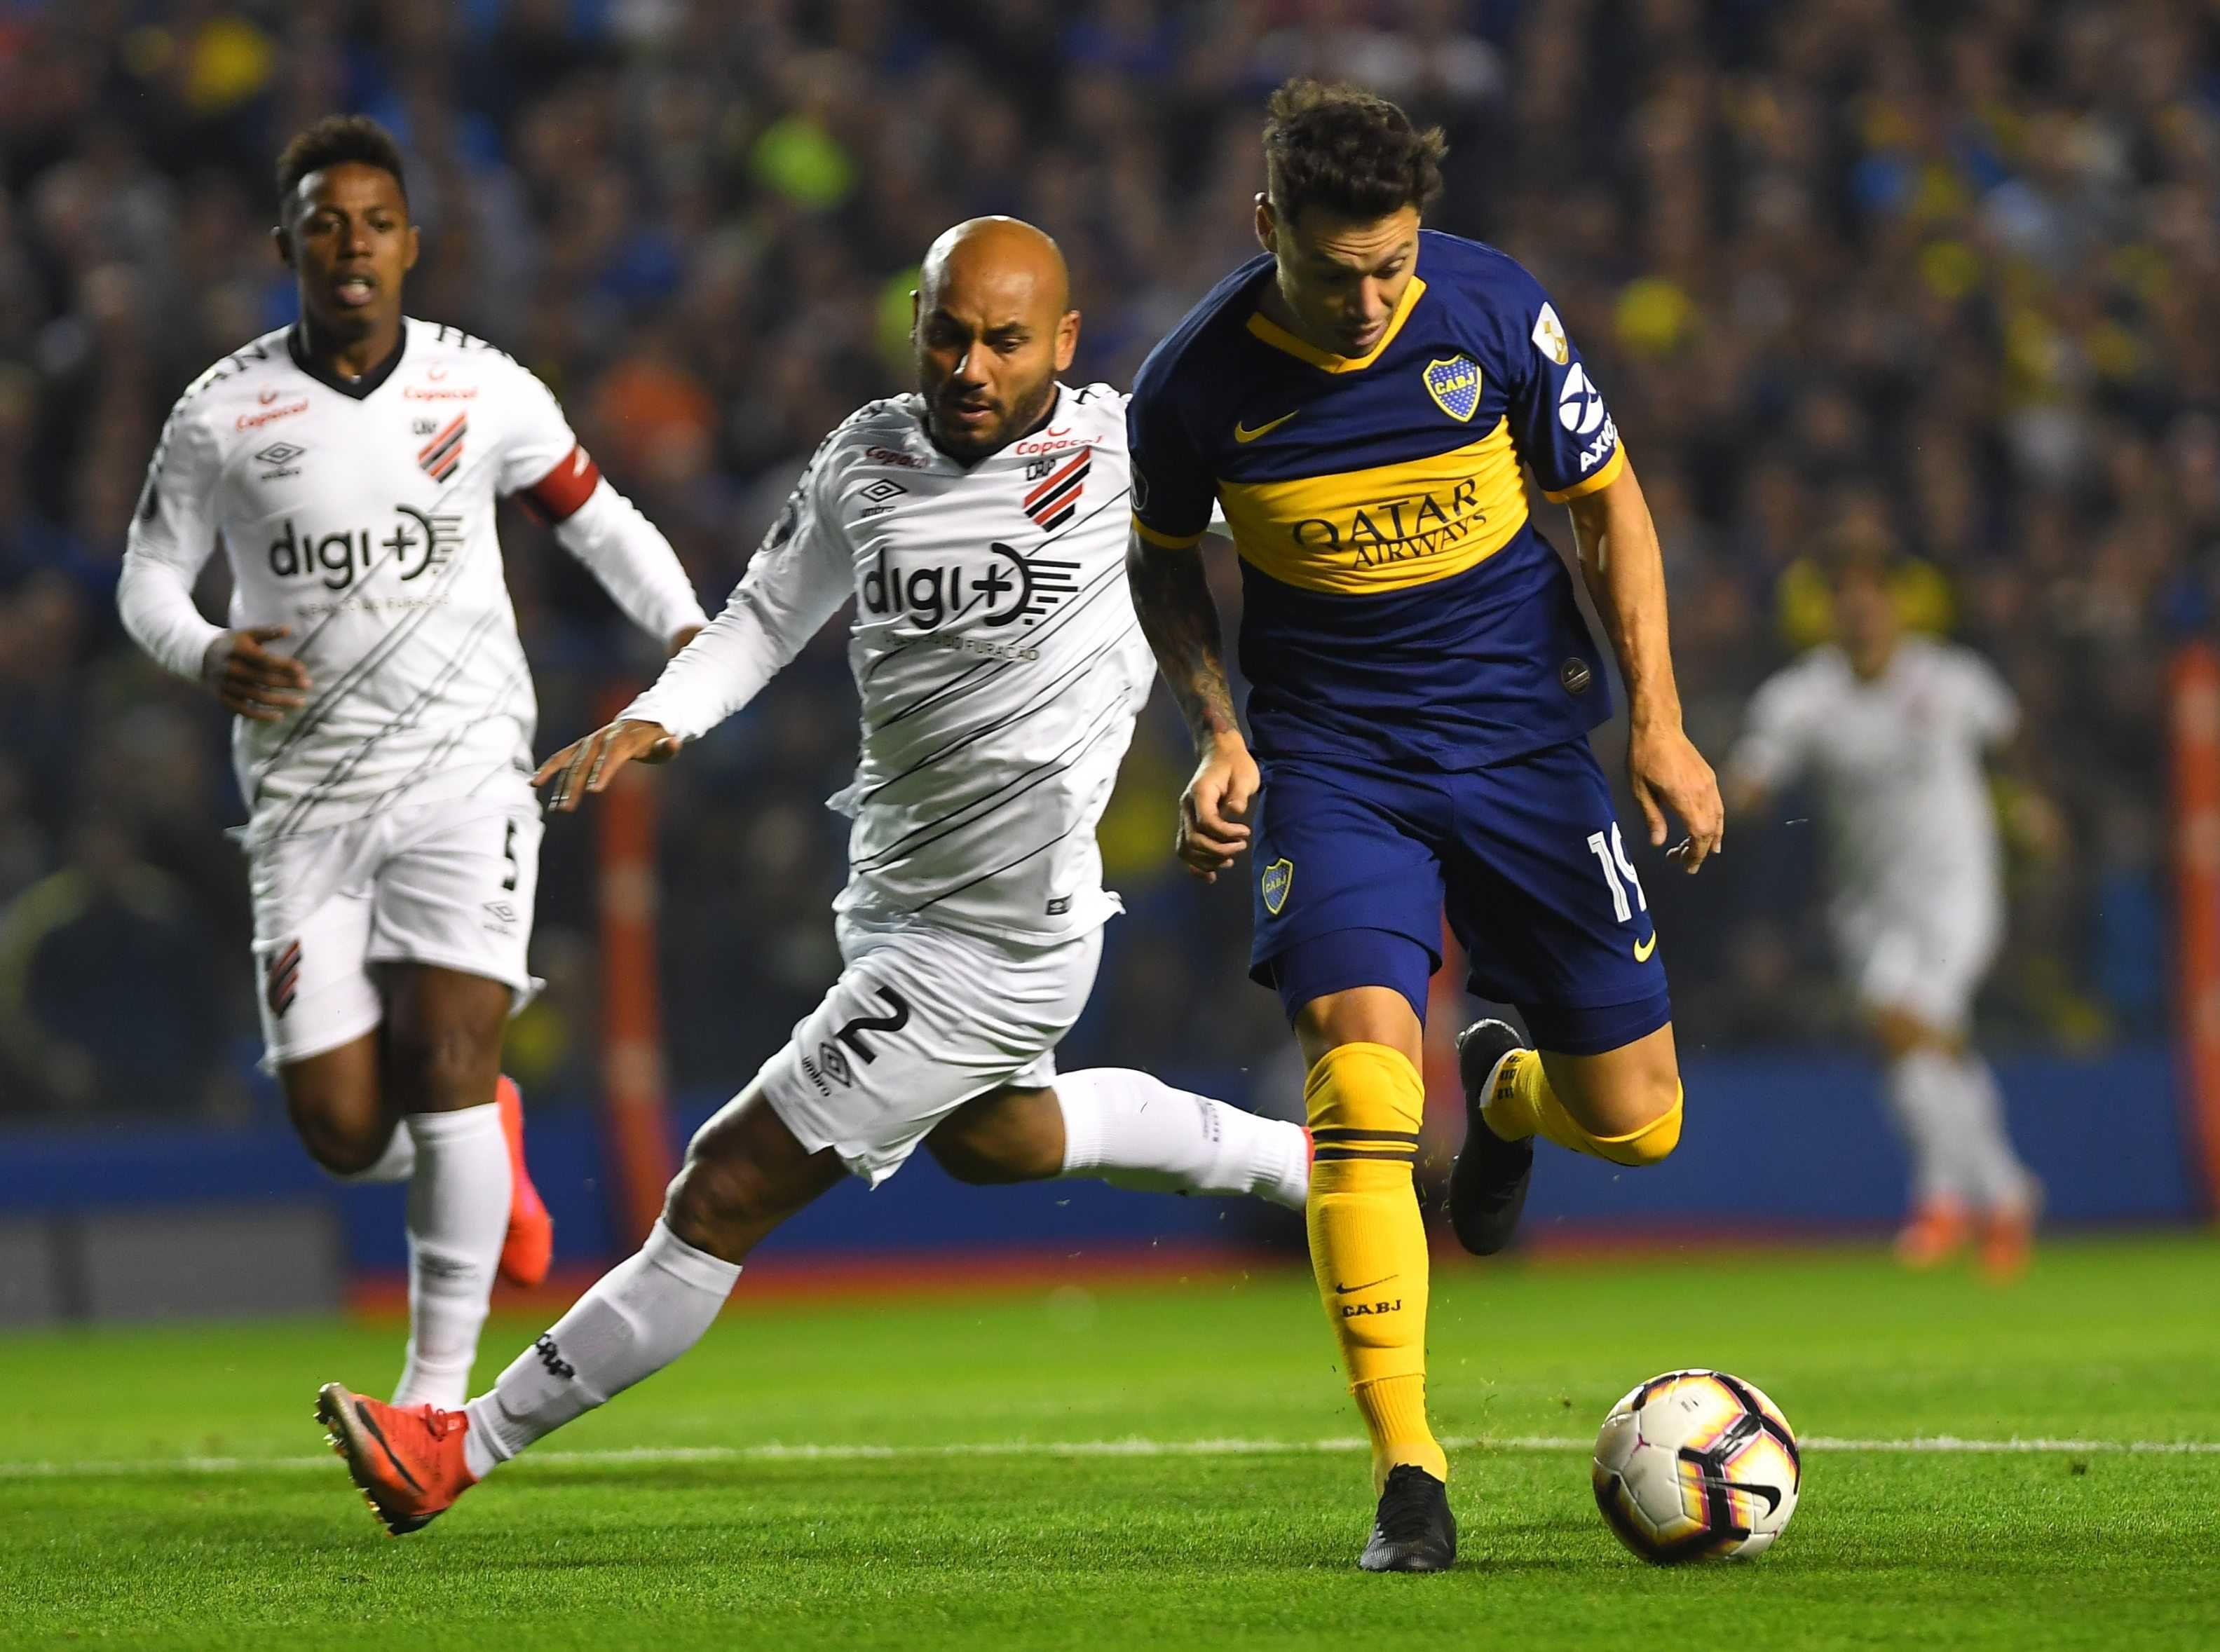 Boca le ganó a a Paranaense y avanzó a cuartos de final